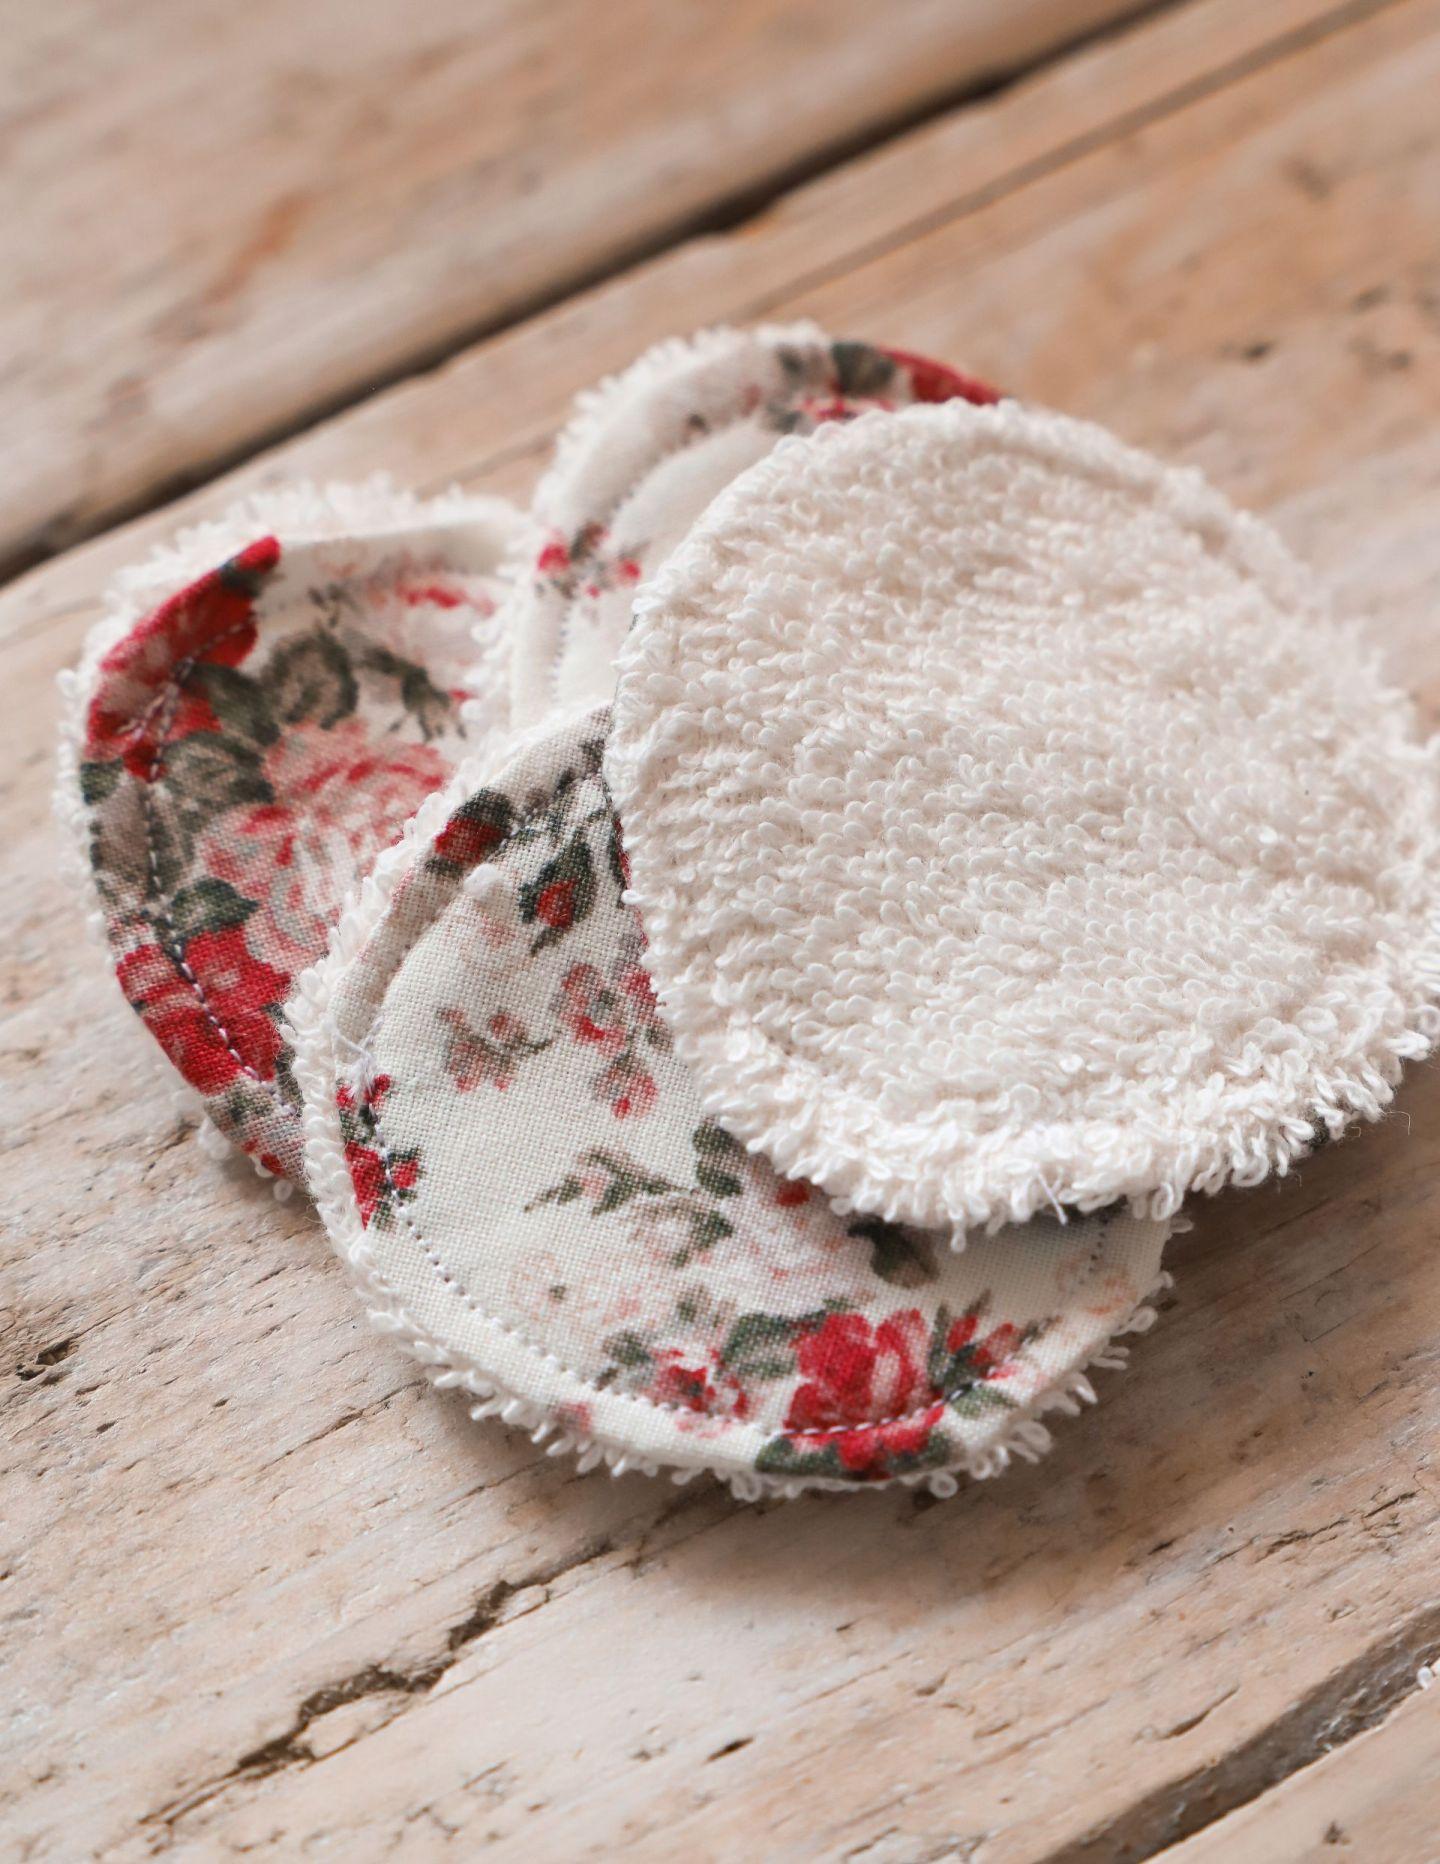 How to sew reusable makeup pads